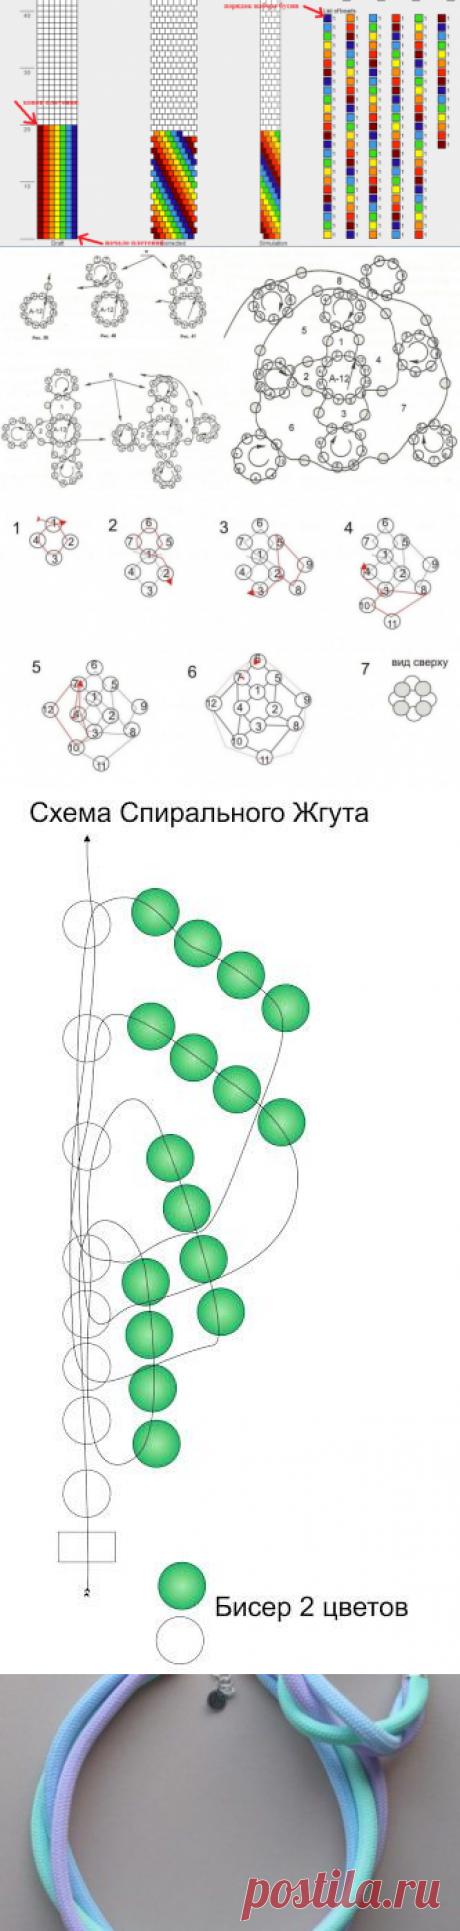 Мастер-класс плетиния шнура из бисера + 20 идей   Domigolki.ru